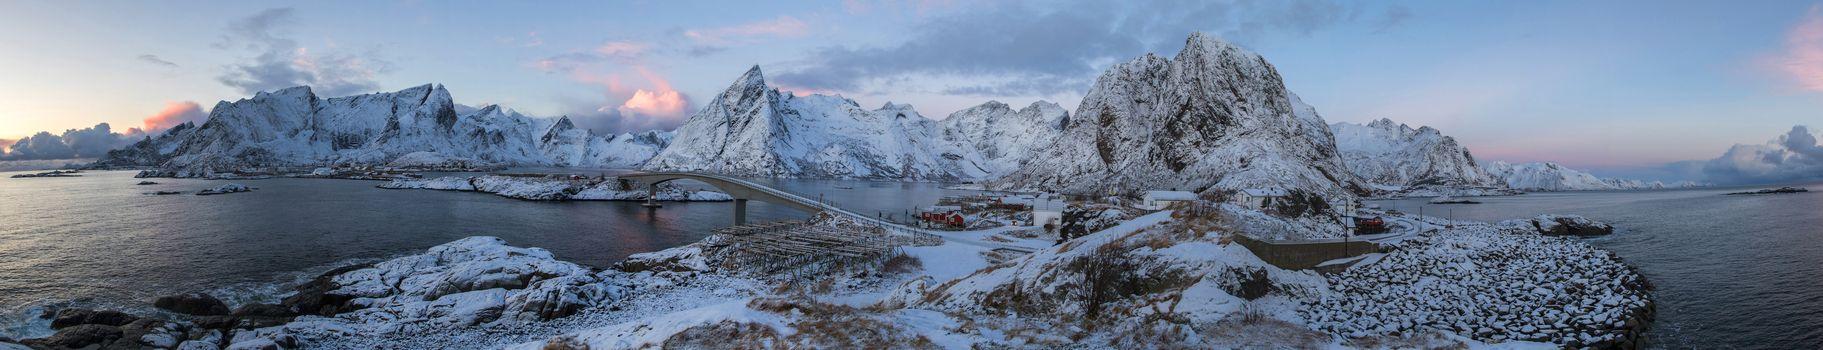 Бесплатные фото Норвегия,Лофотенские острова,панорама